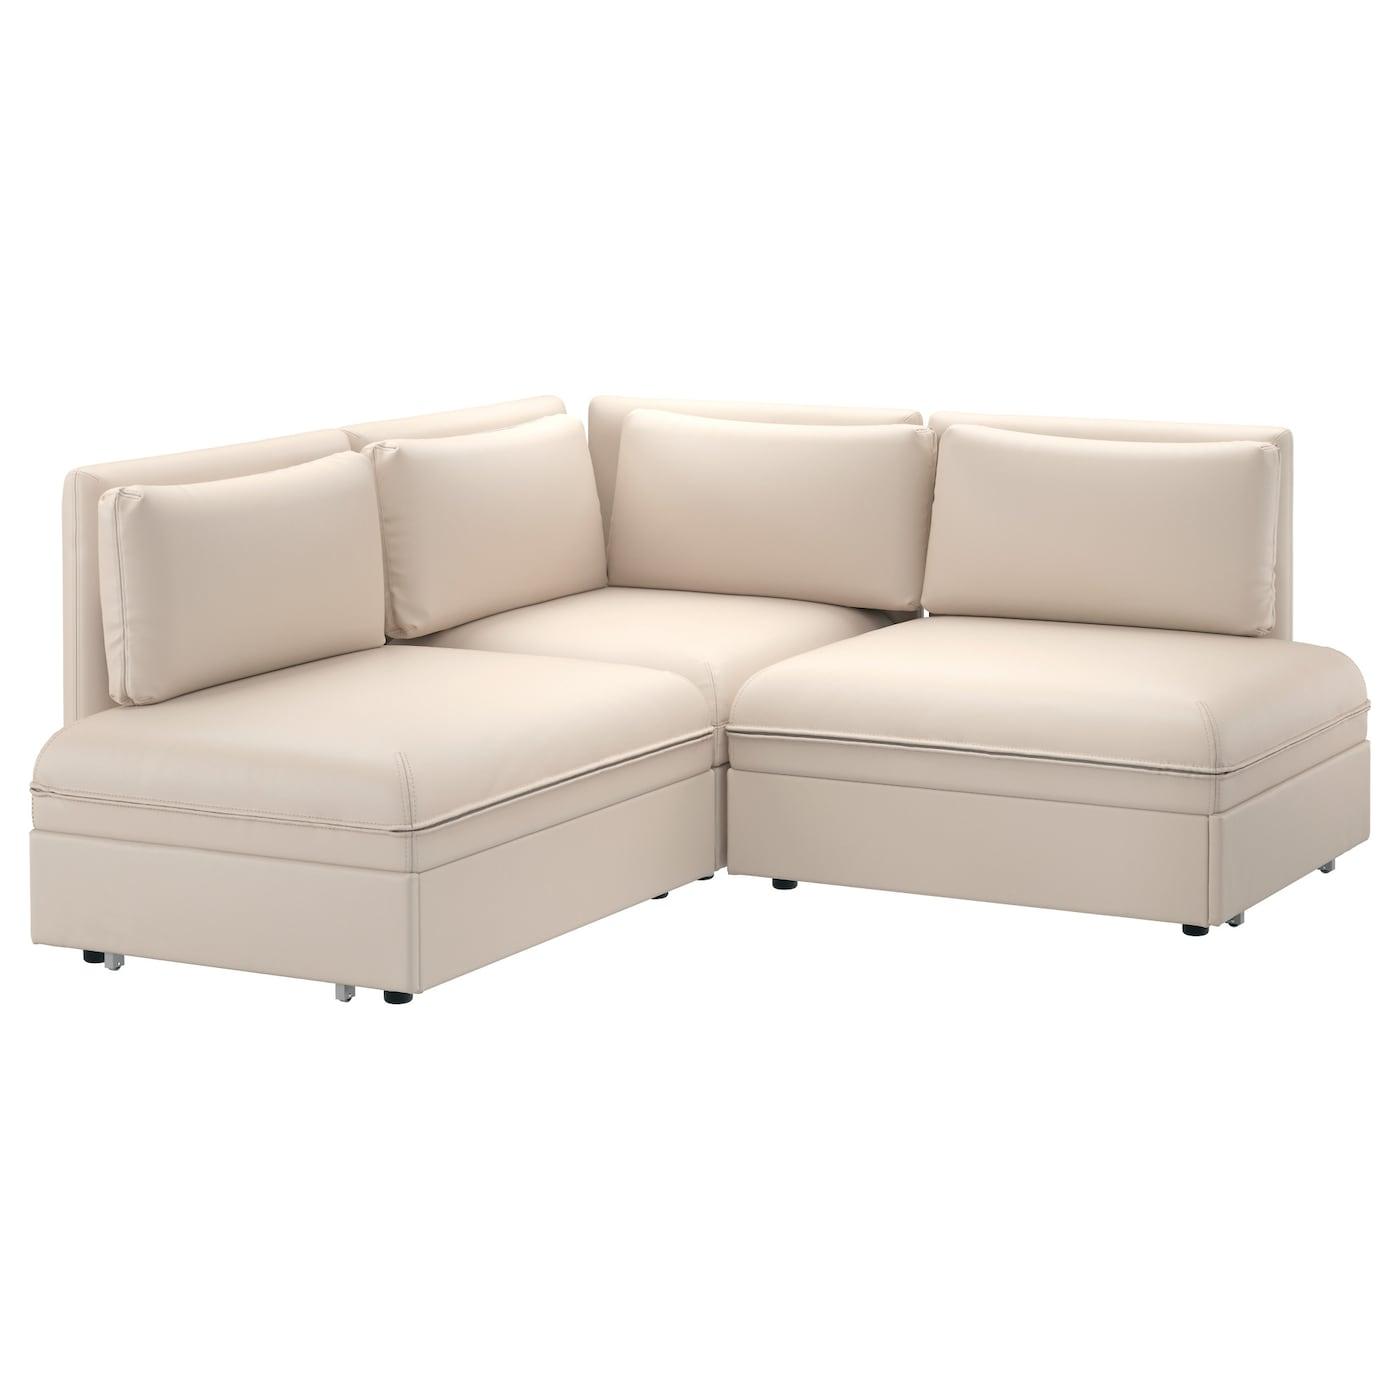 Vallentuna 3 seat corner sofa with bed murum beige ikea for Ikea armchair bed